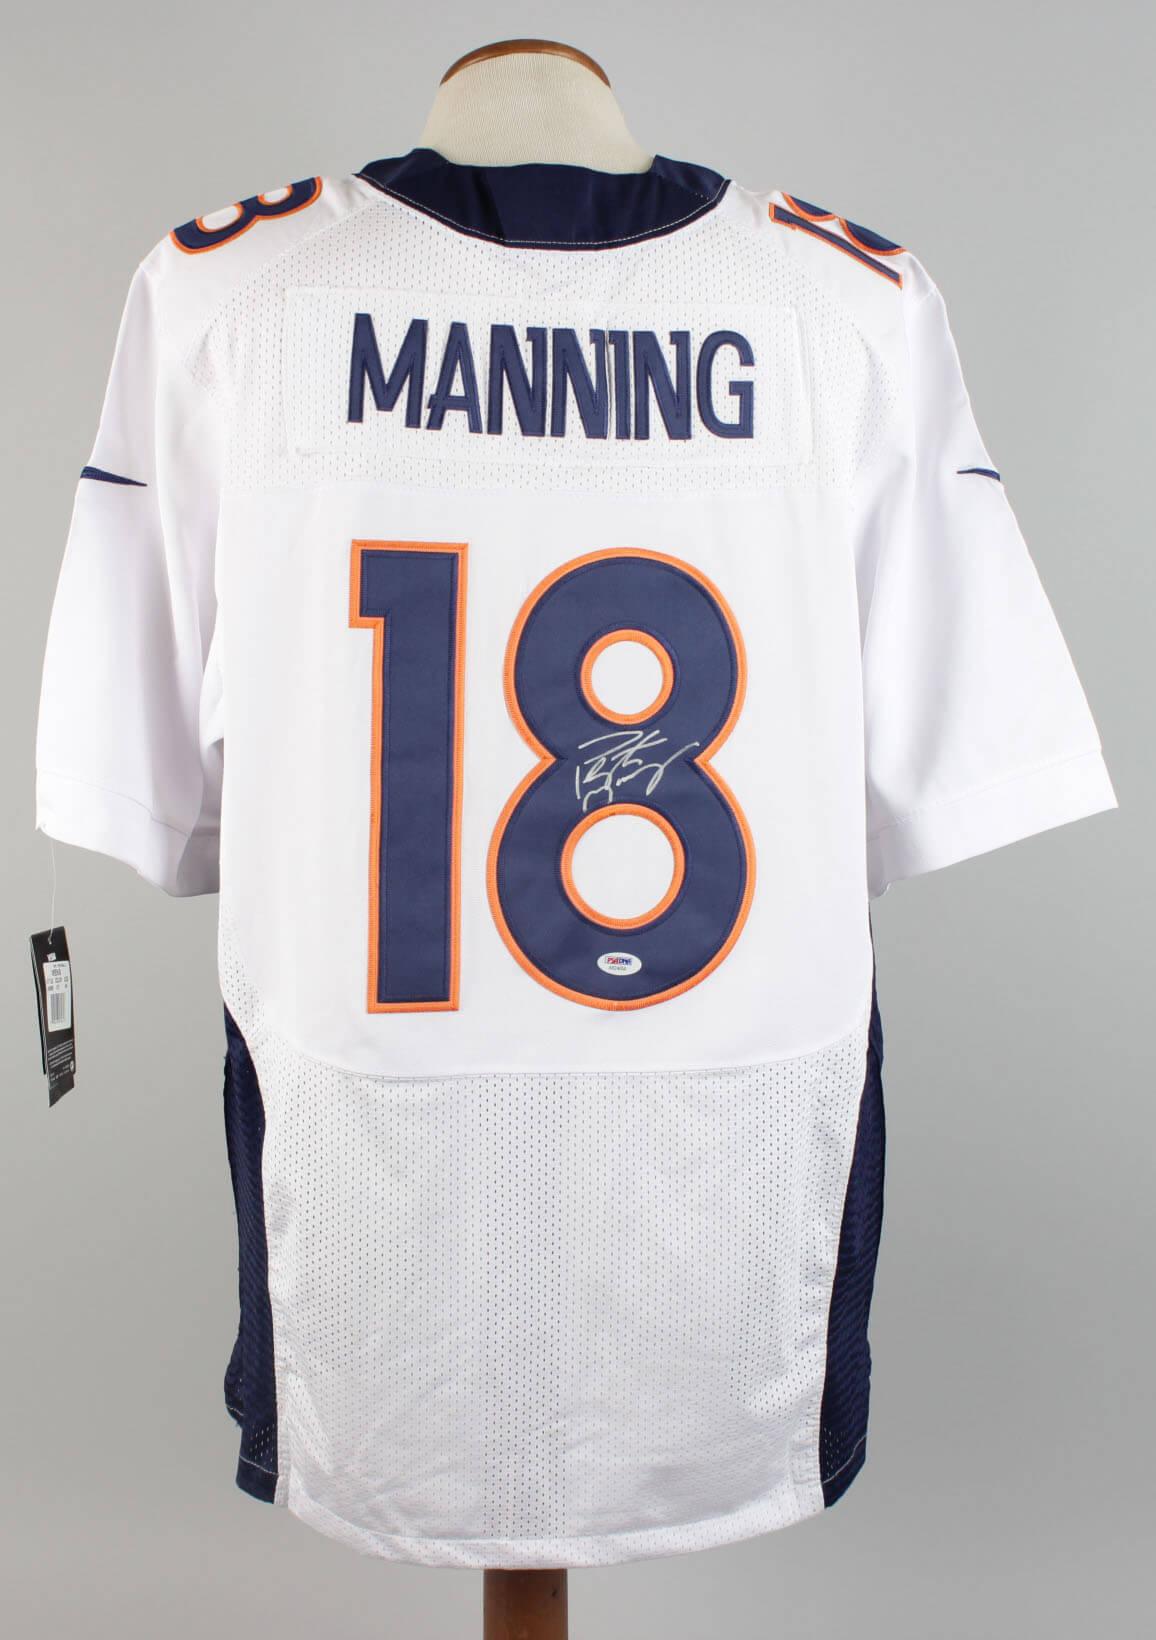 best service 4cad1 6a8c7 Denver Broncos - Peyton Manning Signed Jersey - COA PSA/DNA